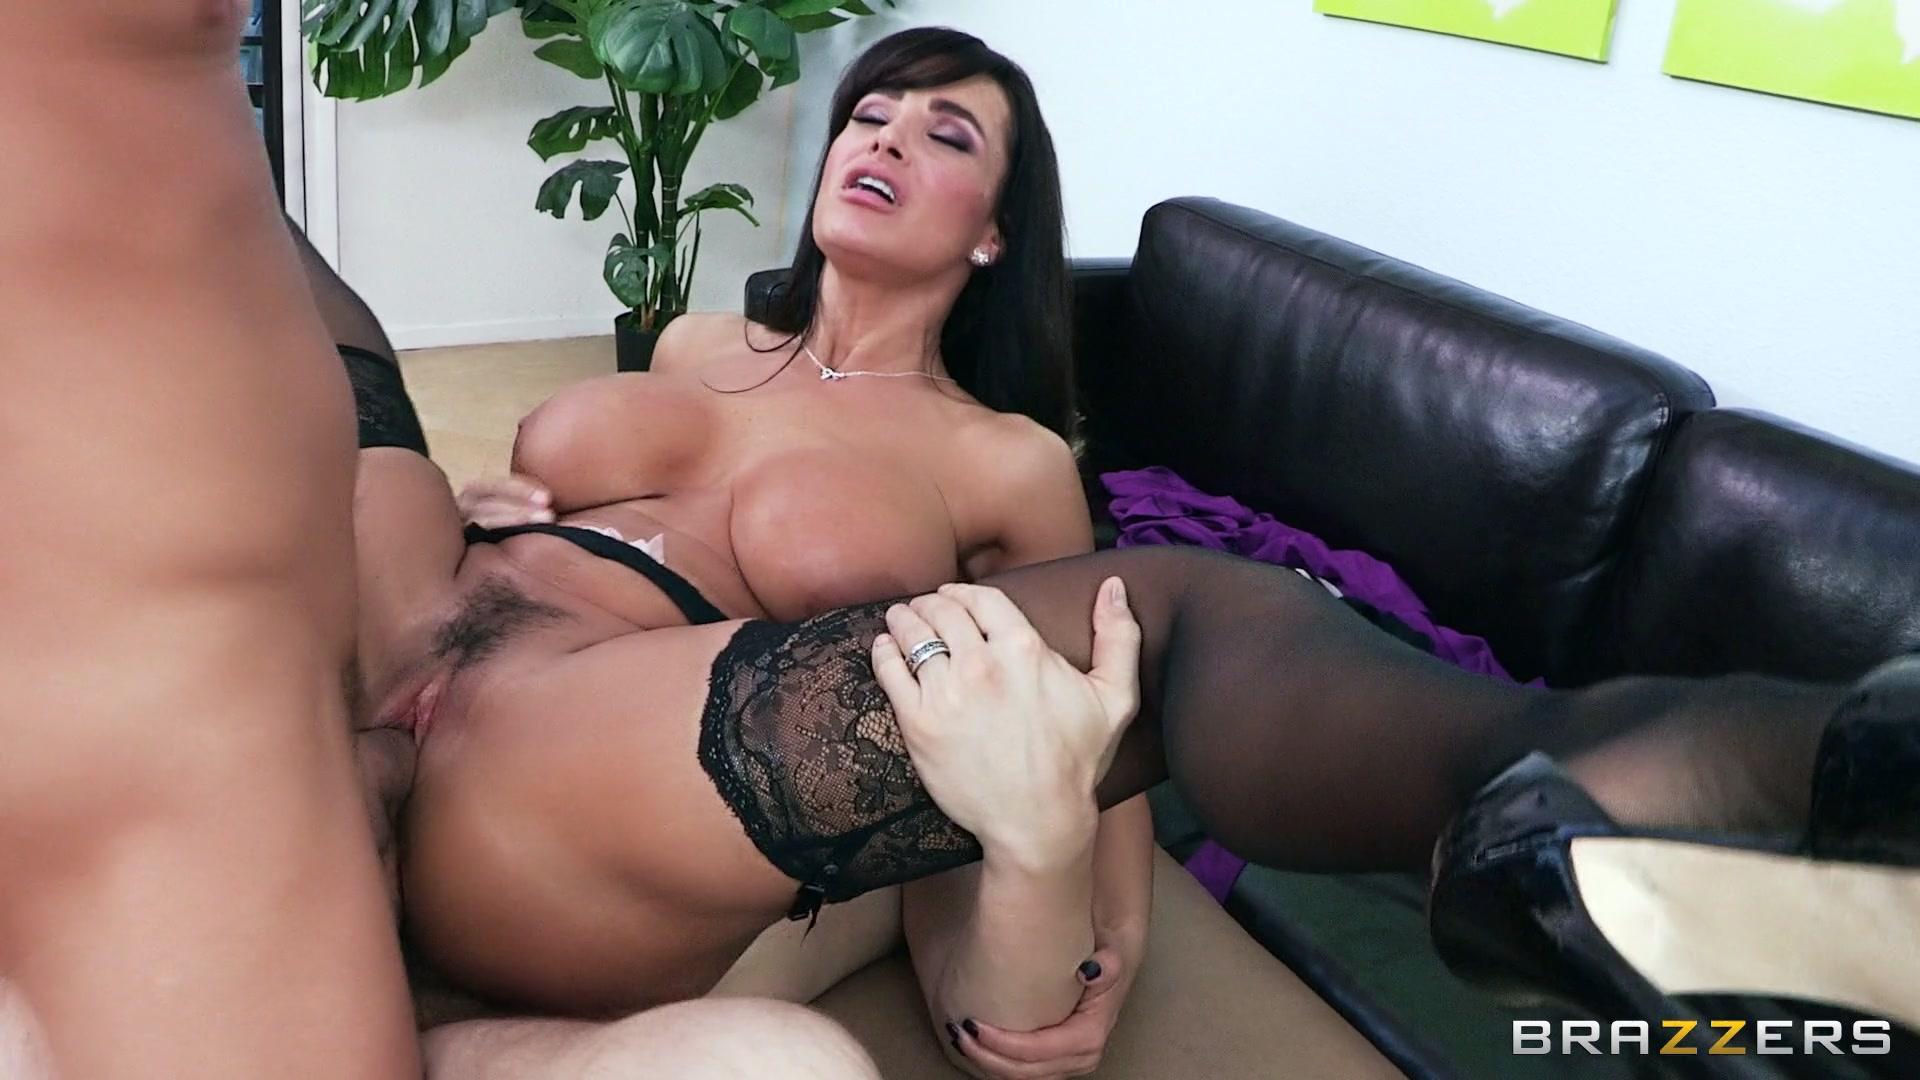 Fat gay sex porn